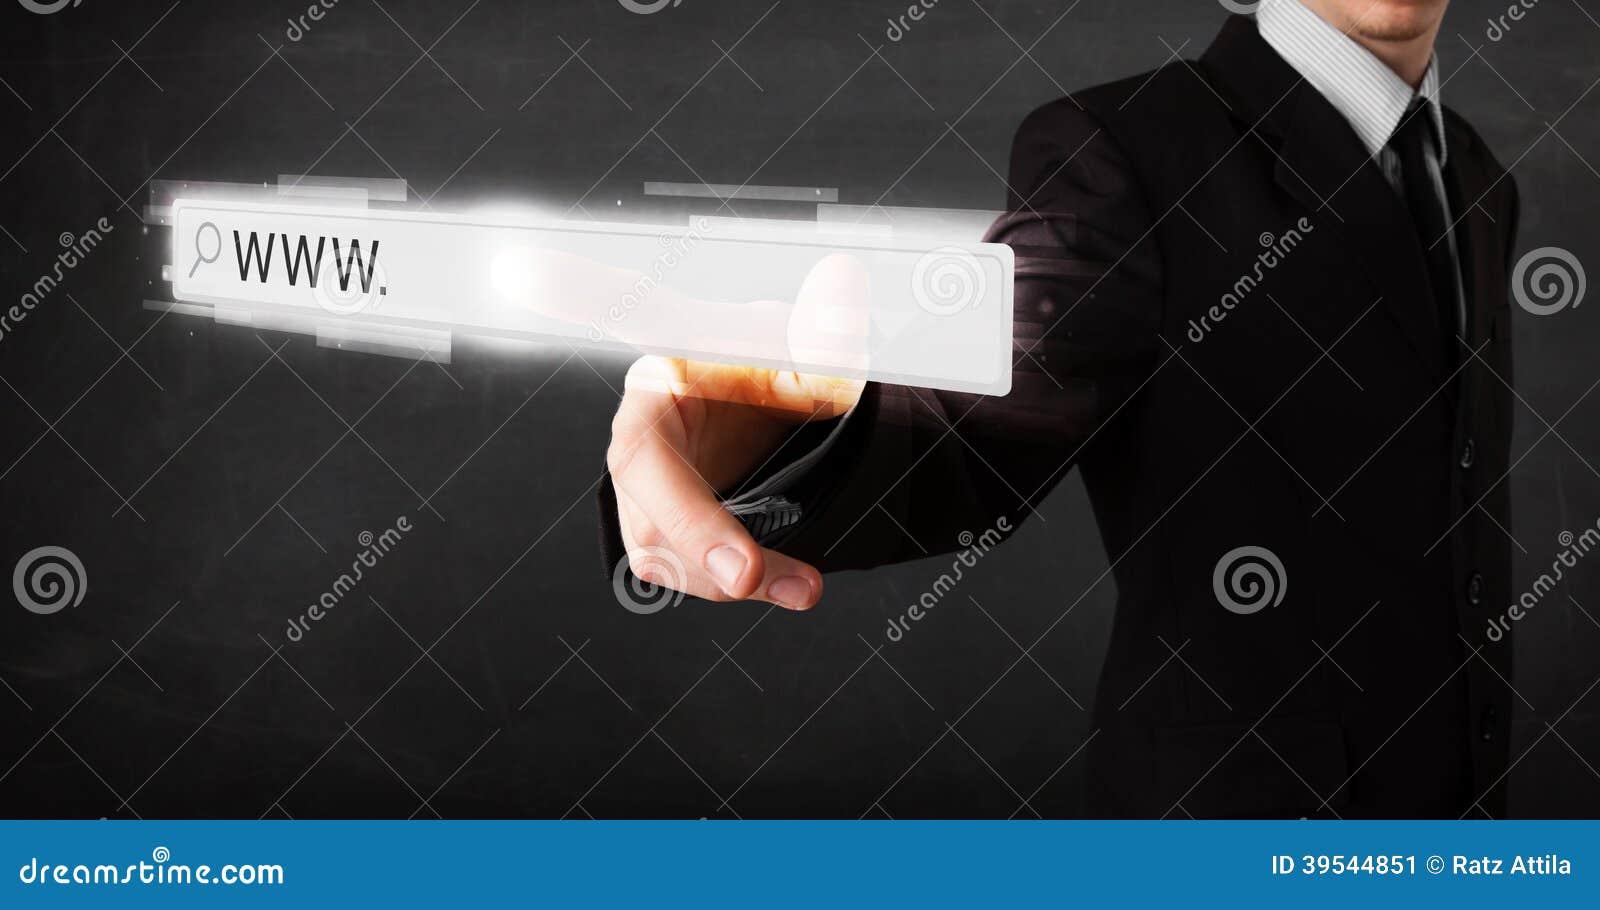 Rührende web- browseradresszeile des jungen Geschäftsmannes mit WWW-Zeichen